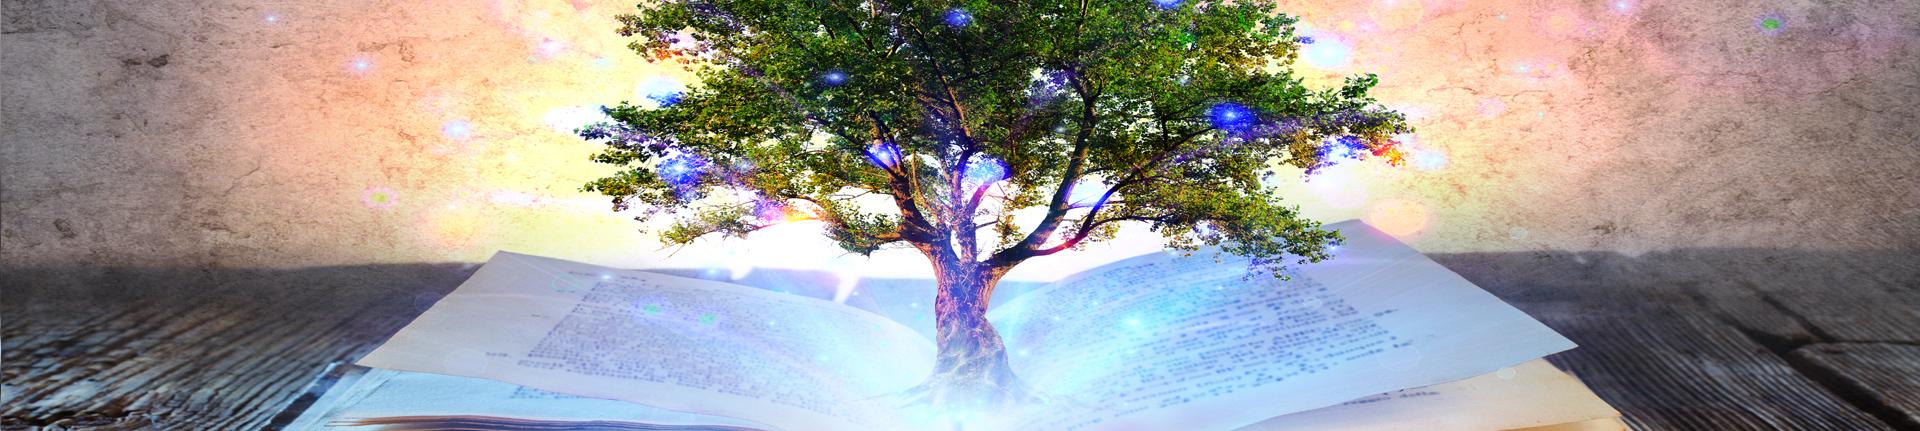 Livros e sustentabilidade: praticando a leitura sustentável